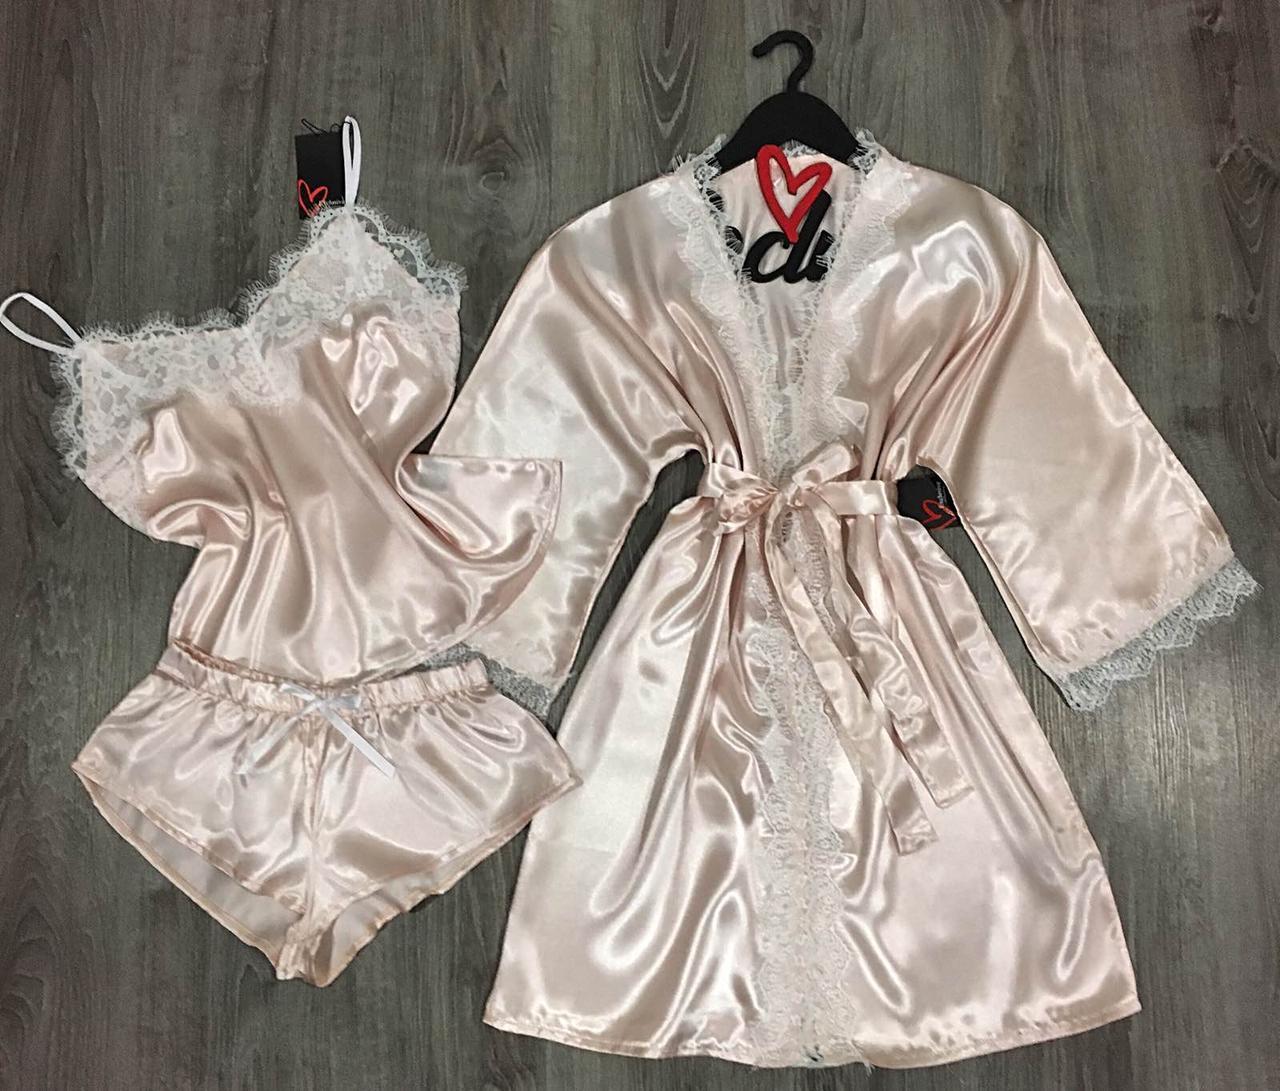 Атласный комплект халат и пижама, домашняя одежда.